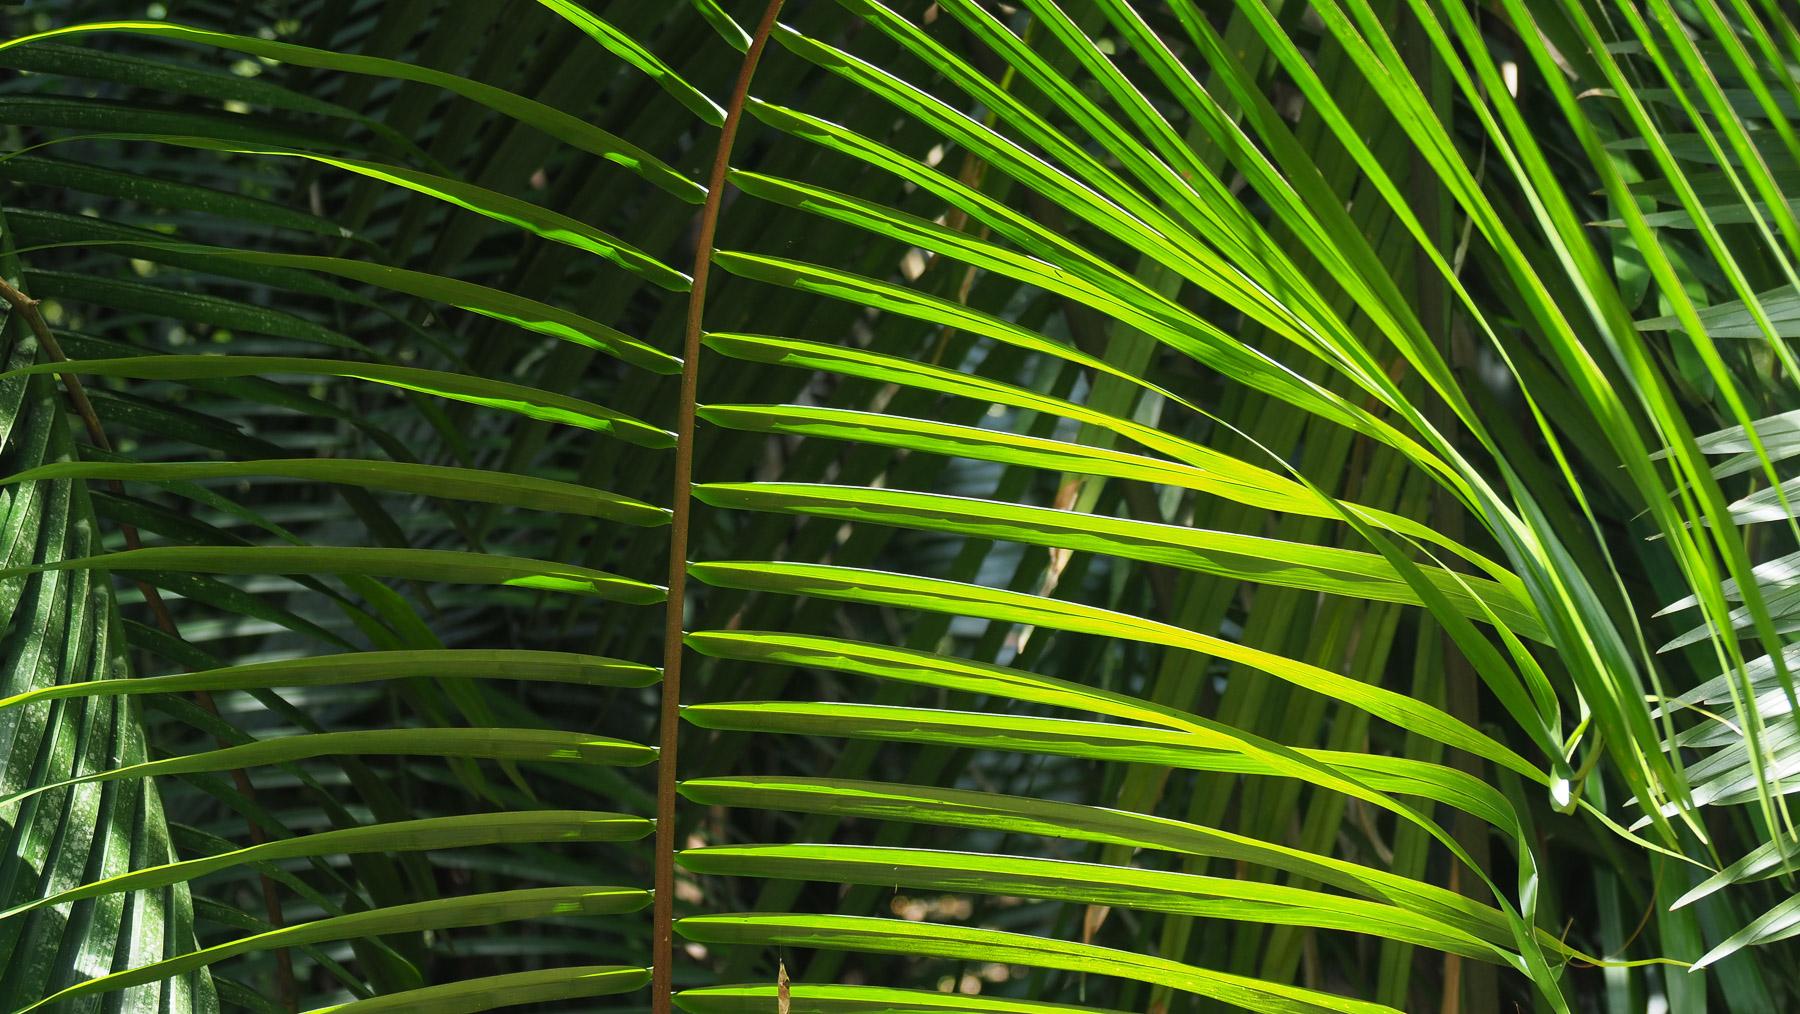 Grün, überall nur Grün